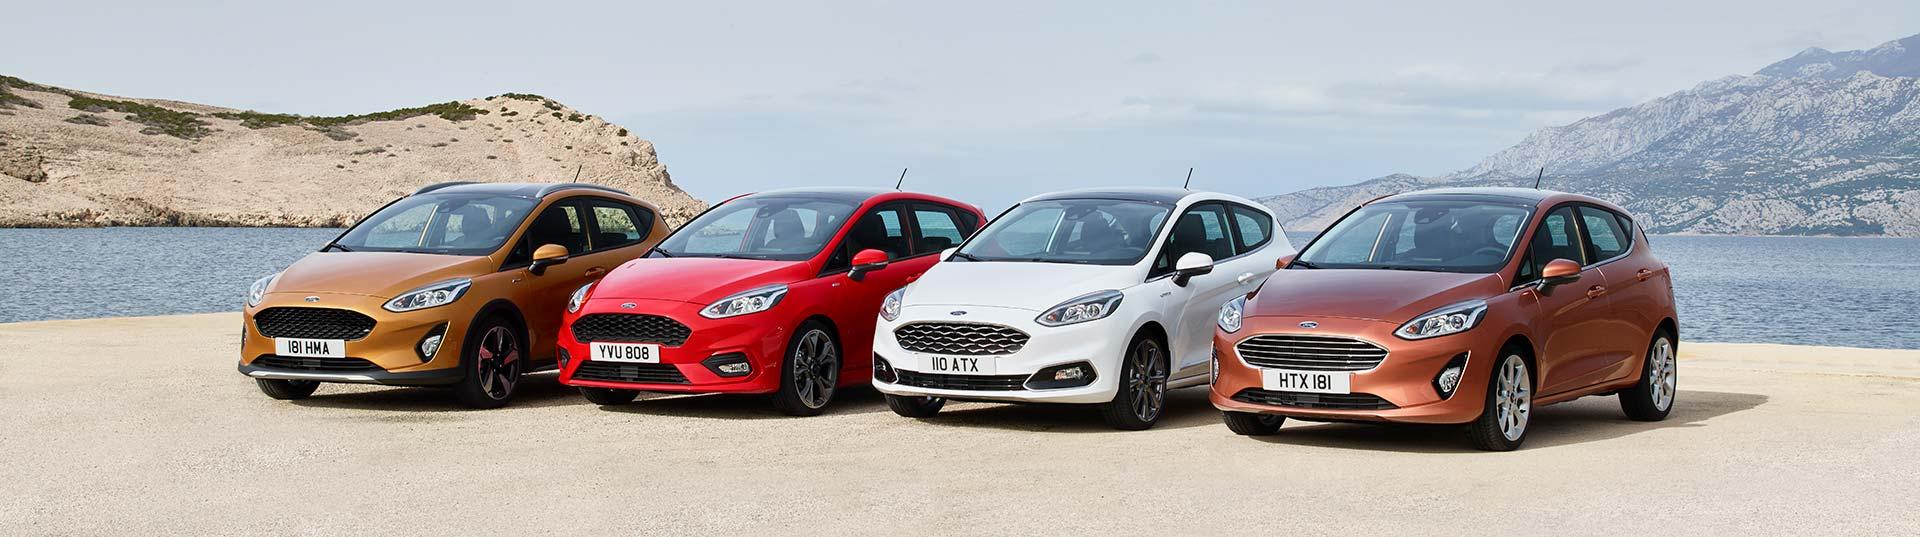 Nova Geração Ford Fiesta